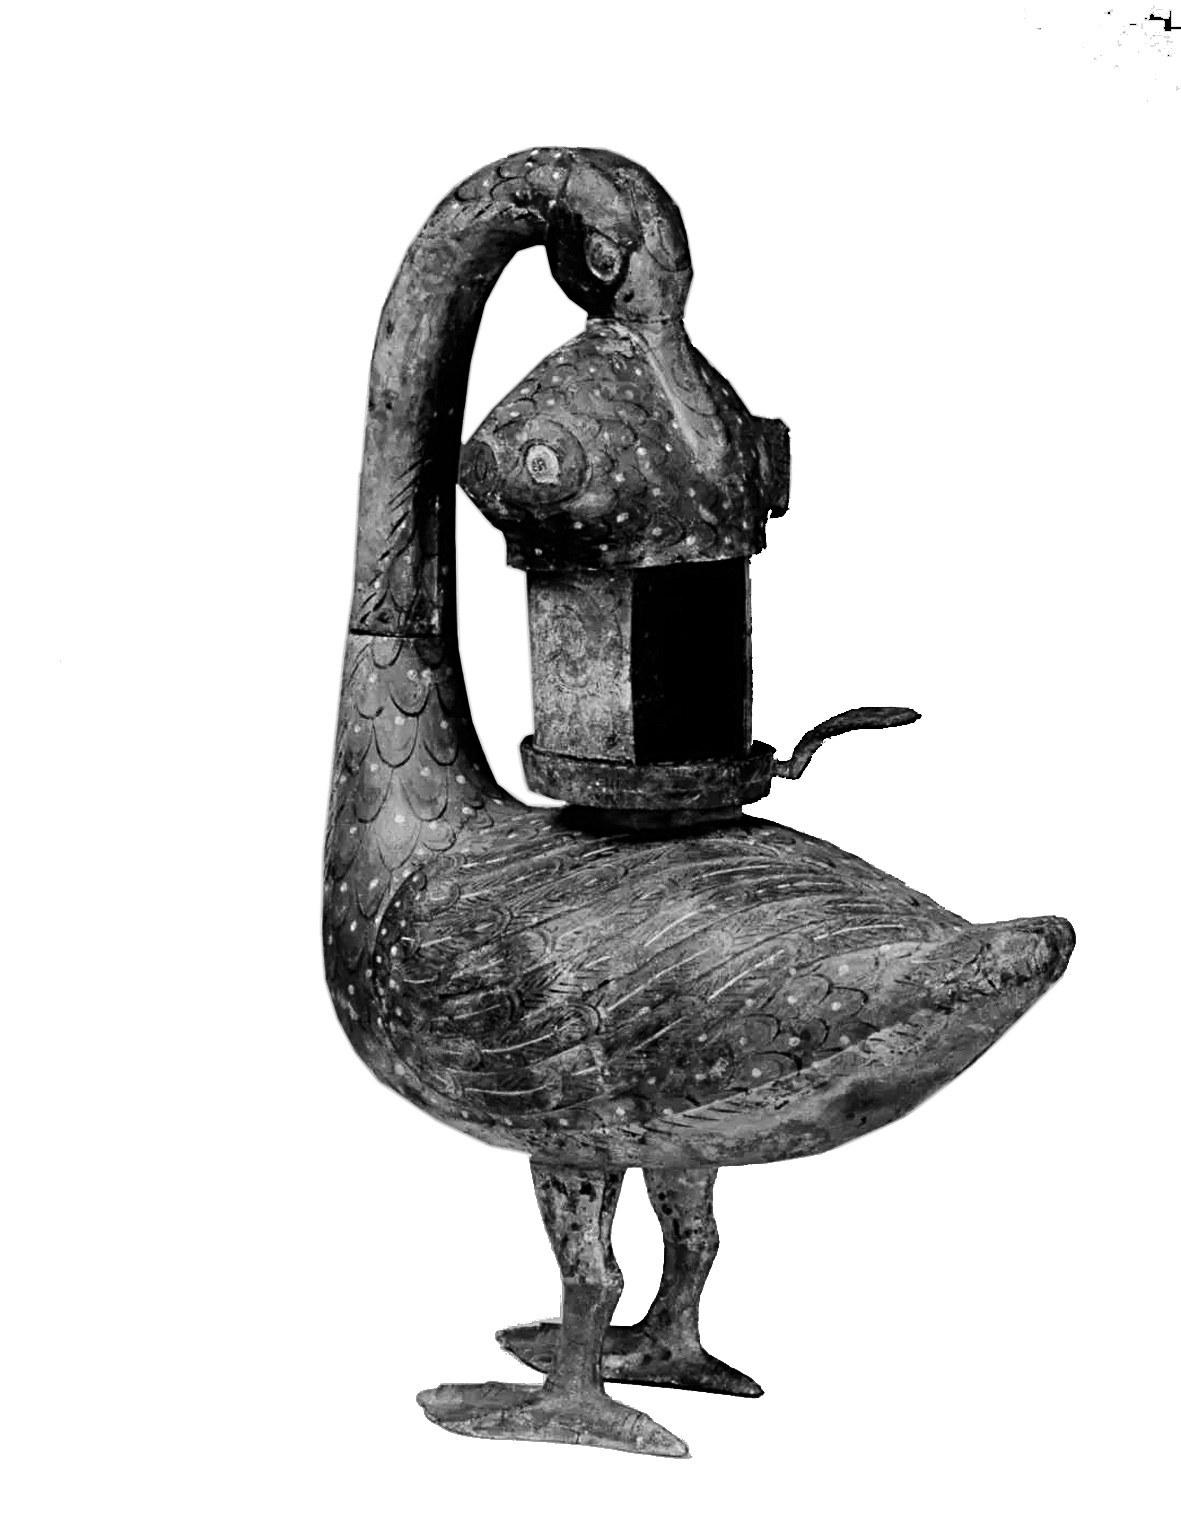 雁鱼灯,西汉流行于贵族阶层的环保灯